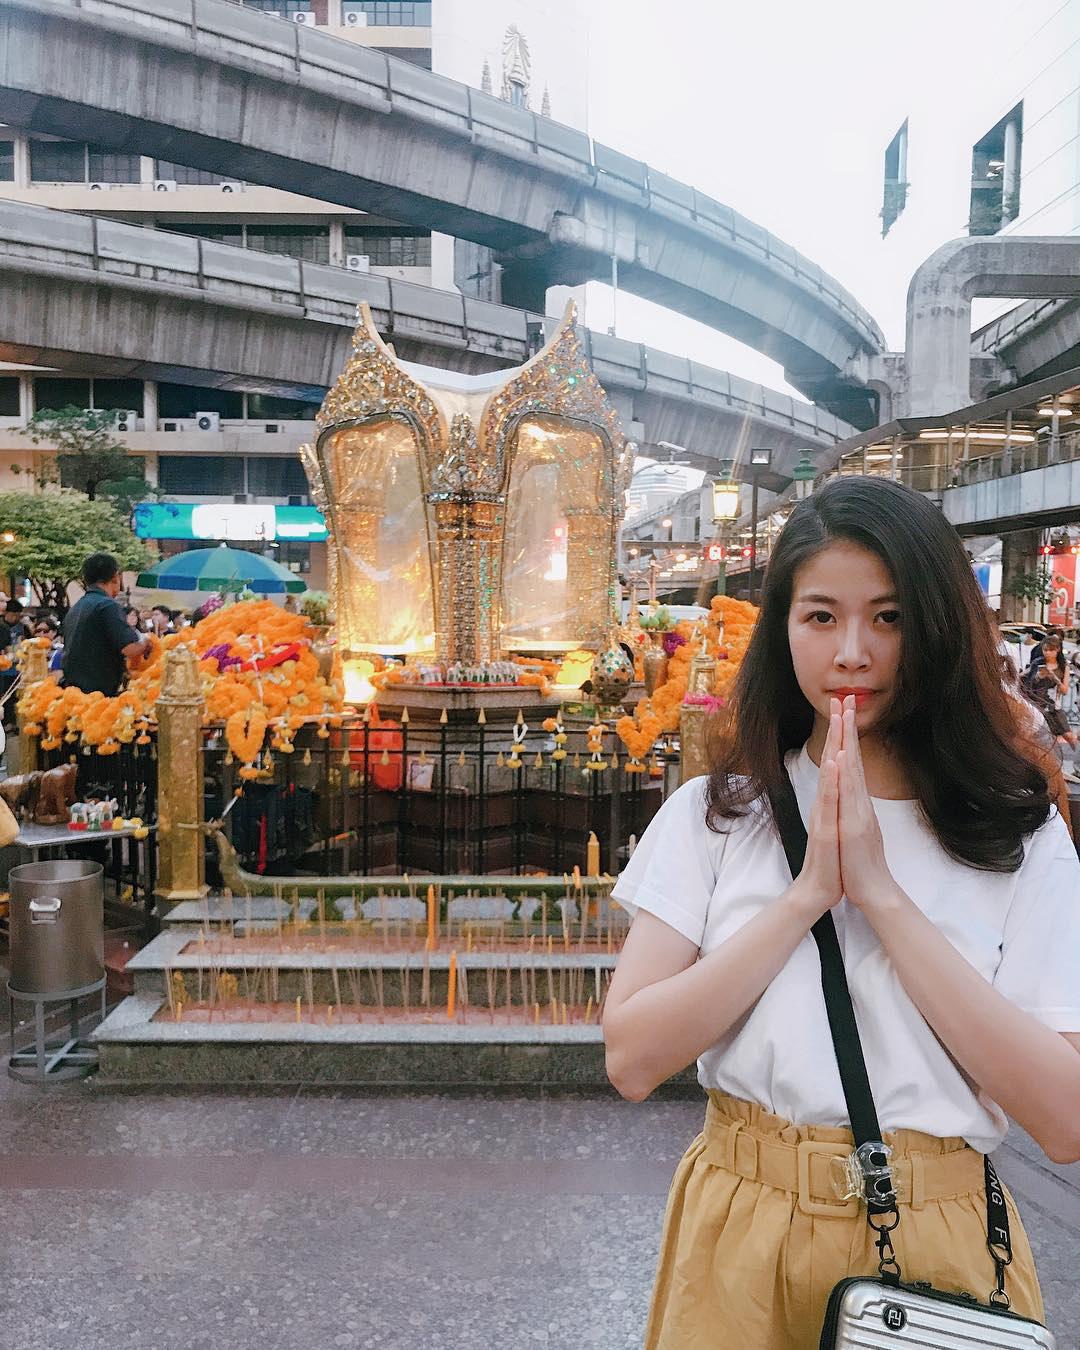 So sánh tour du lịch TP HCM - Thái Lan kết hợp cổ vũ U23 Việt Nam trong trận Việt Nam - UAE - Ảnh 5.